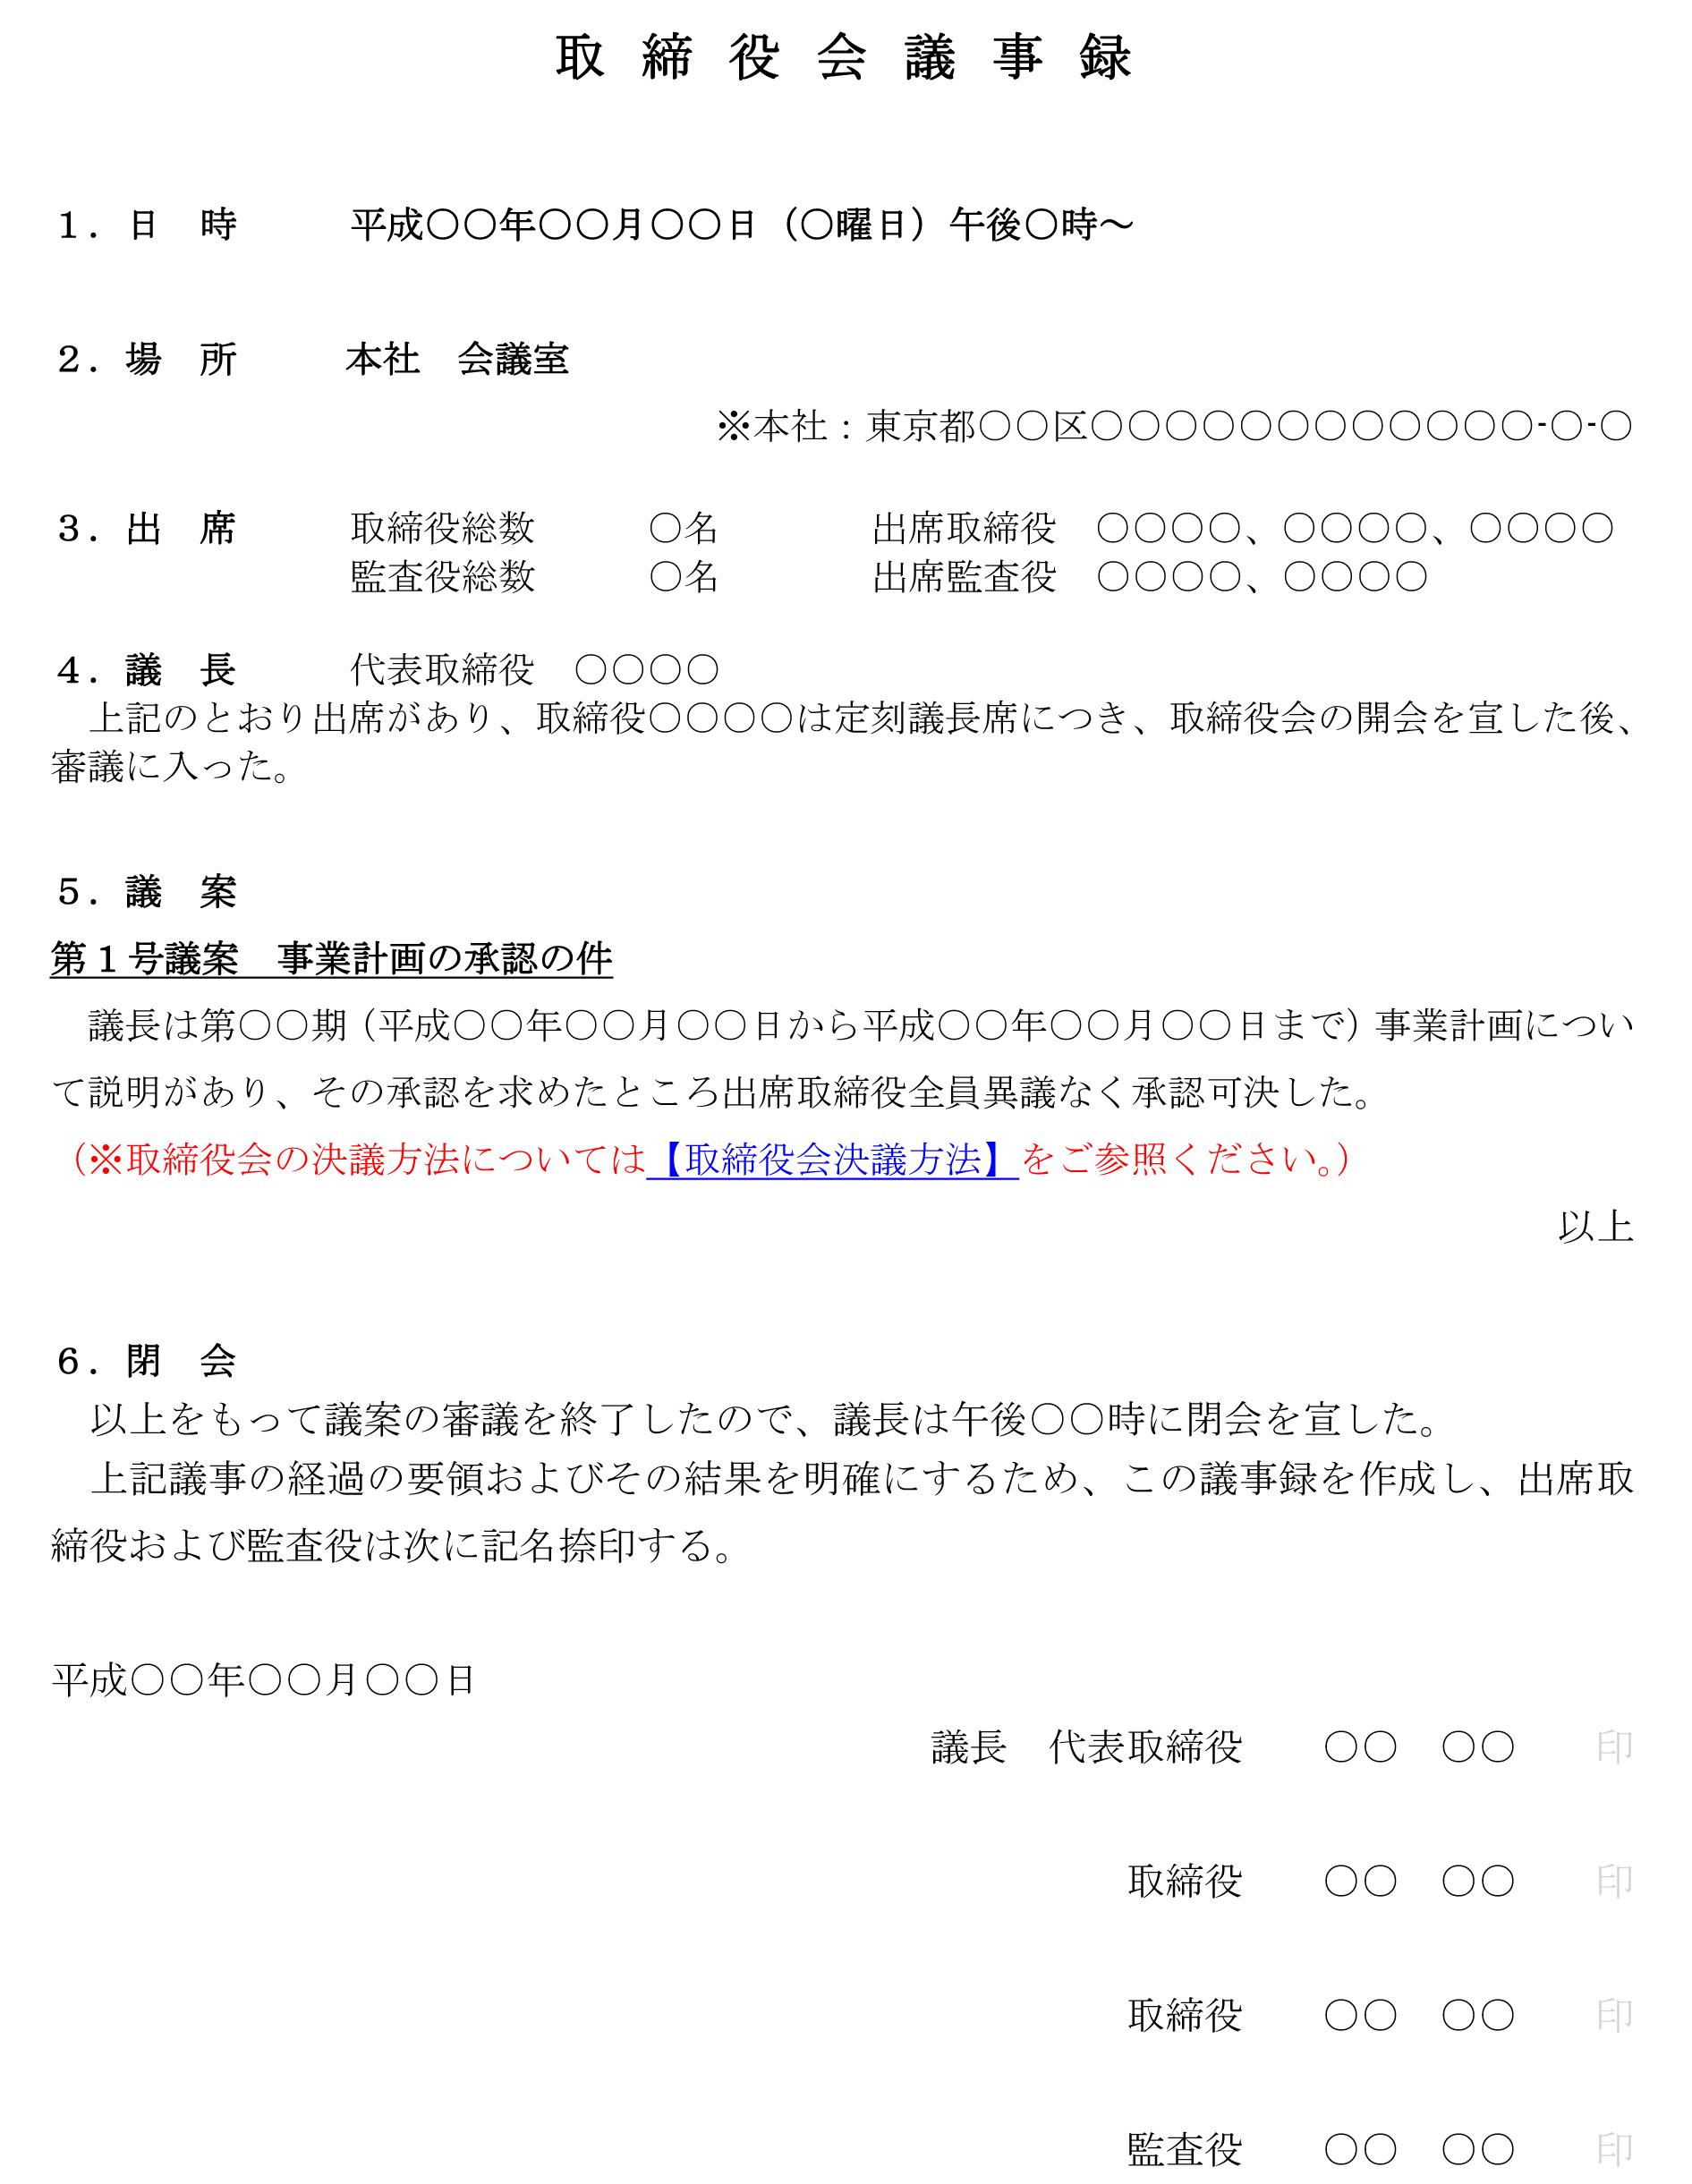 取締役会議事録(事業計画の承認)